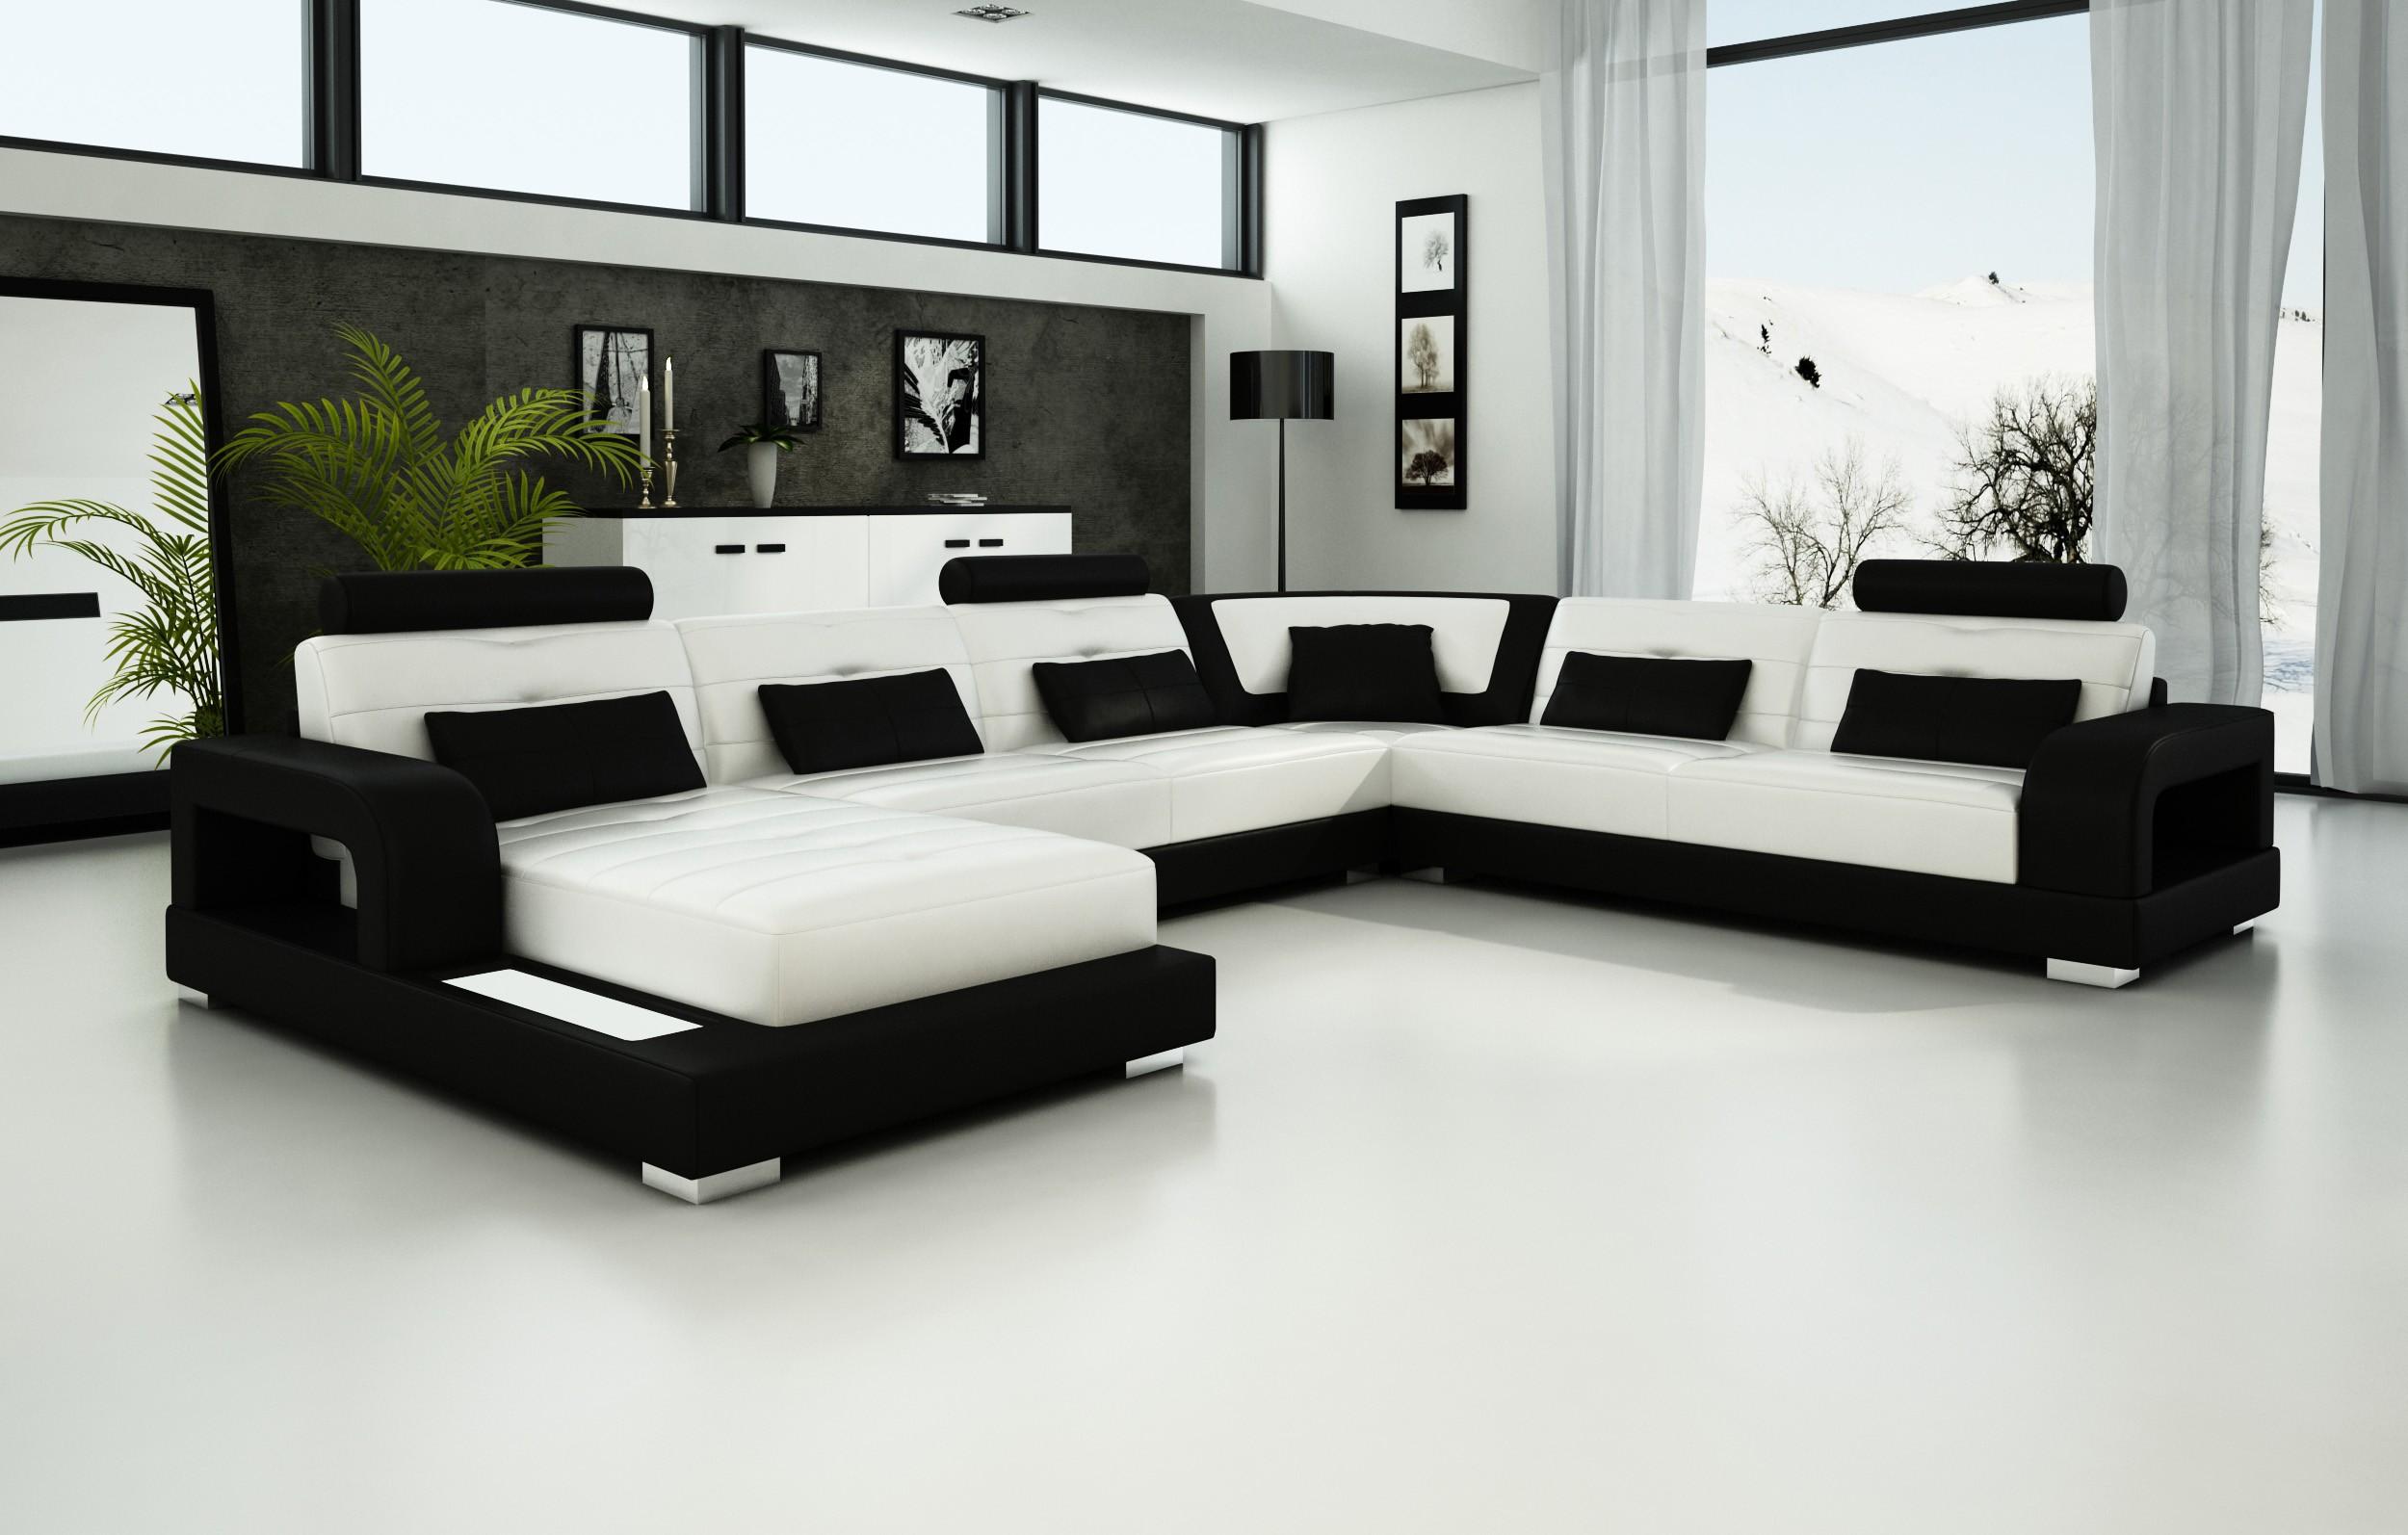 Olympian Sofas Pesaro White Black Leather Sofa